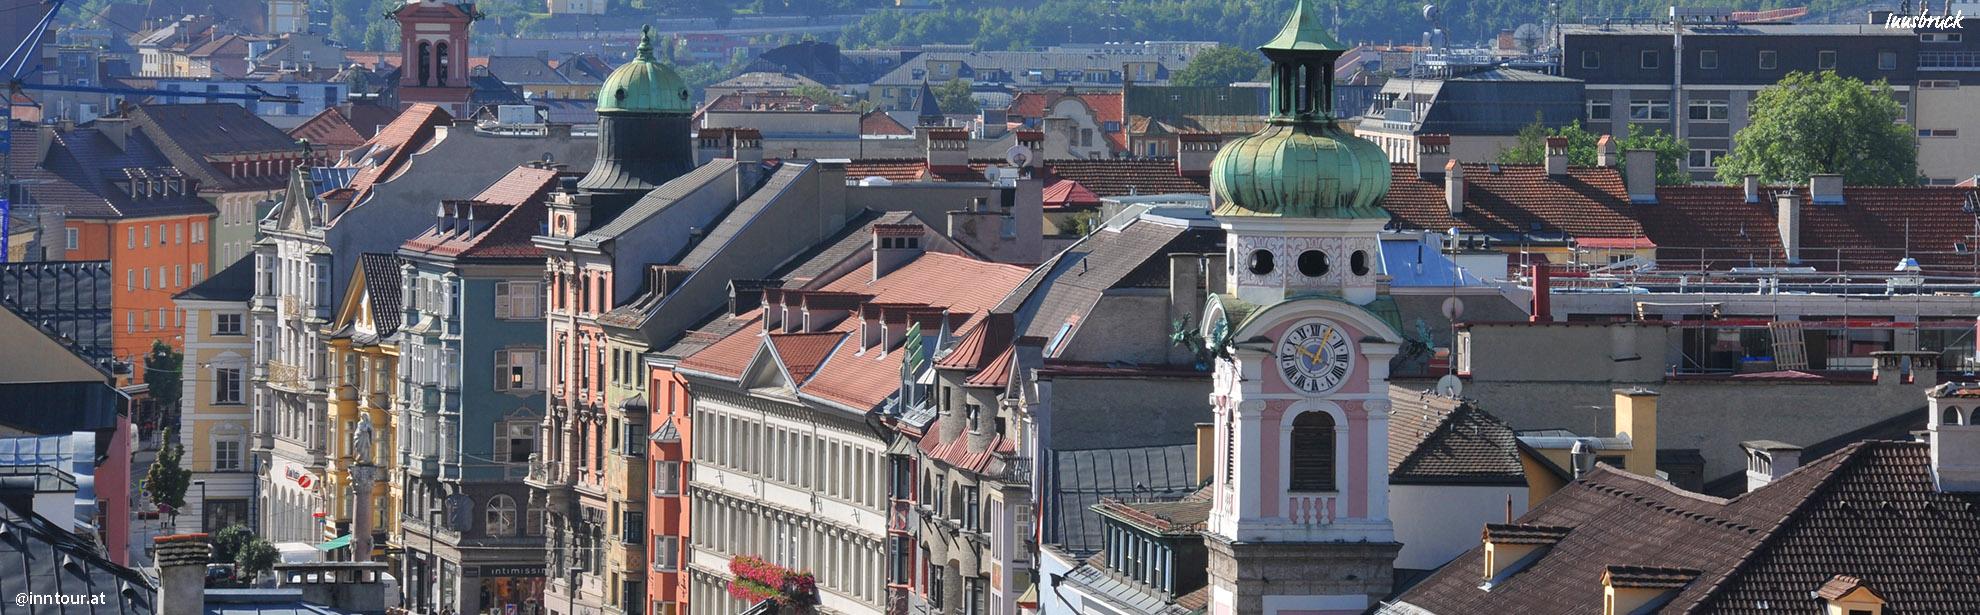 Oinntour_Innsbruck_DSC_2478